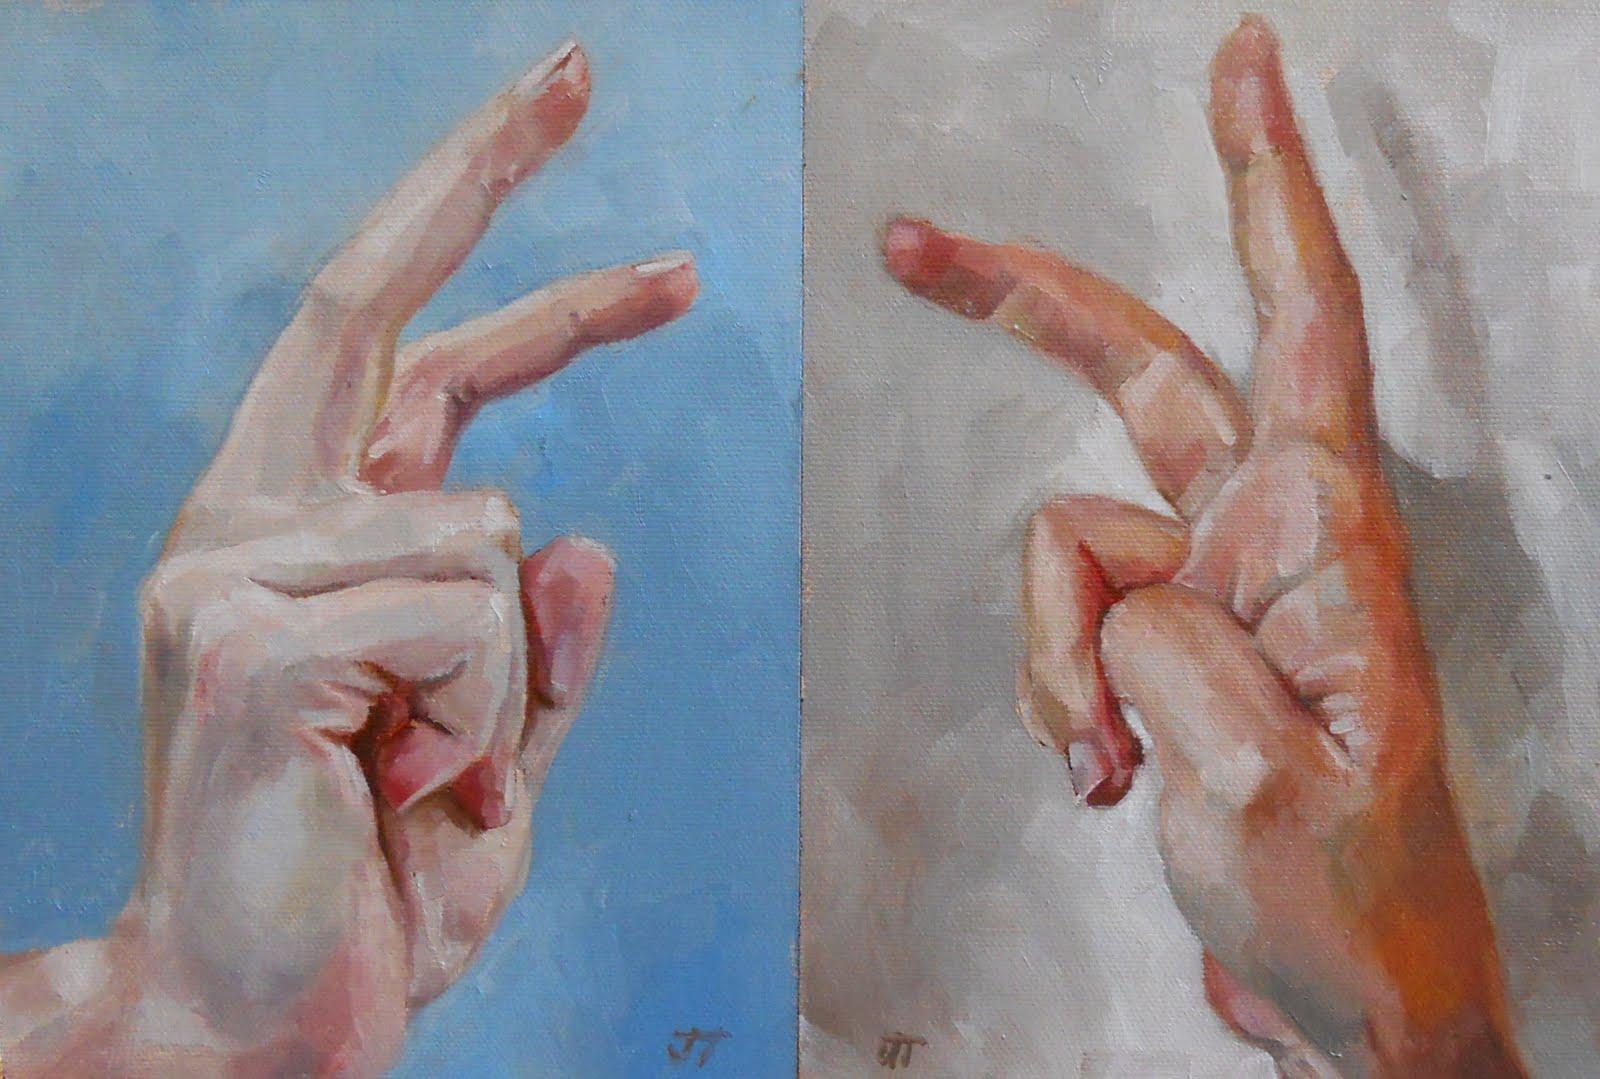 http://1.bp.blogspot.com/_N-mrAQ5Suq8/TCIoNxDRd1I/AAAAAAAAAac/YUztr9Hwckg/s1600/Hands-making-bunnies.jpg